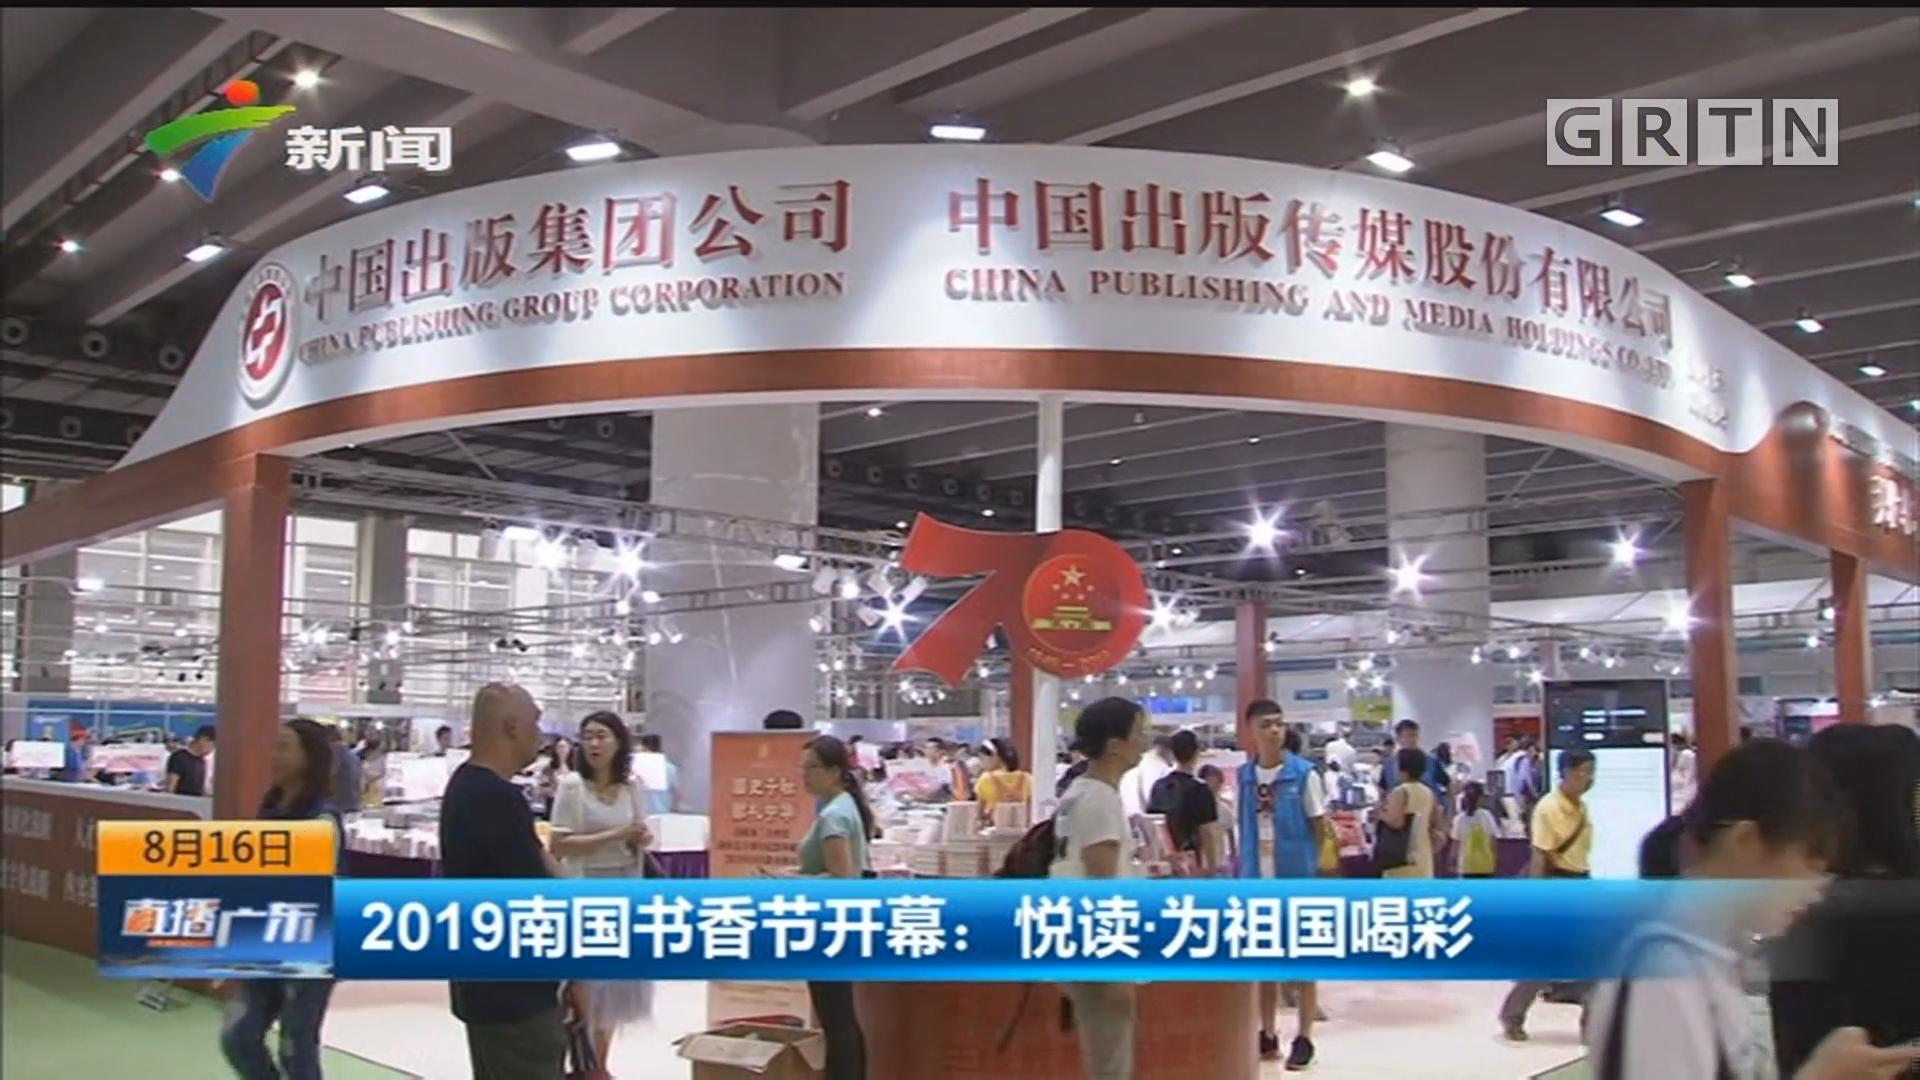 2019南国书香节开幕:悦读·为祖国喝彩